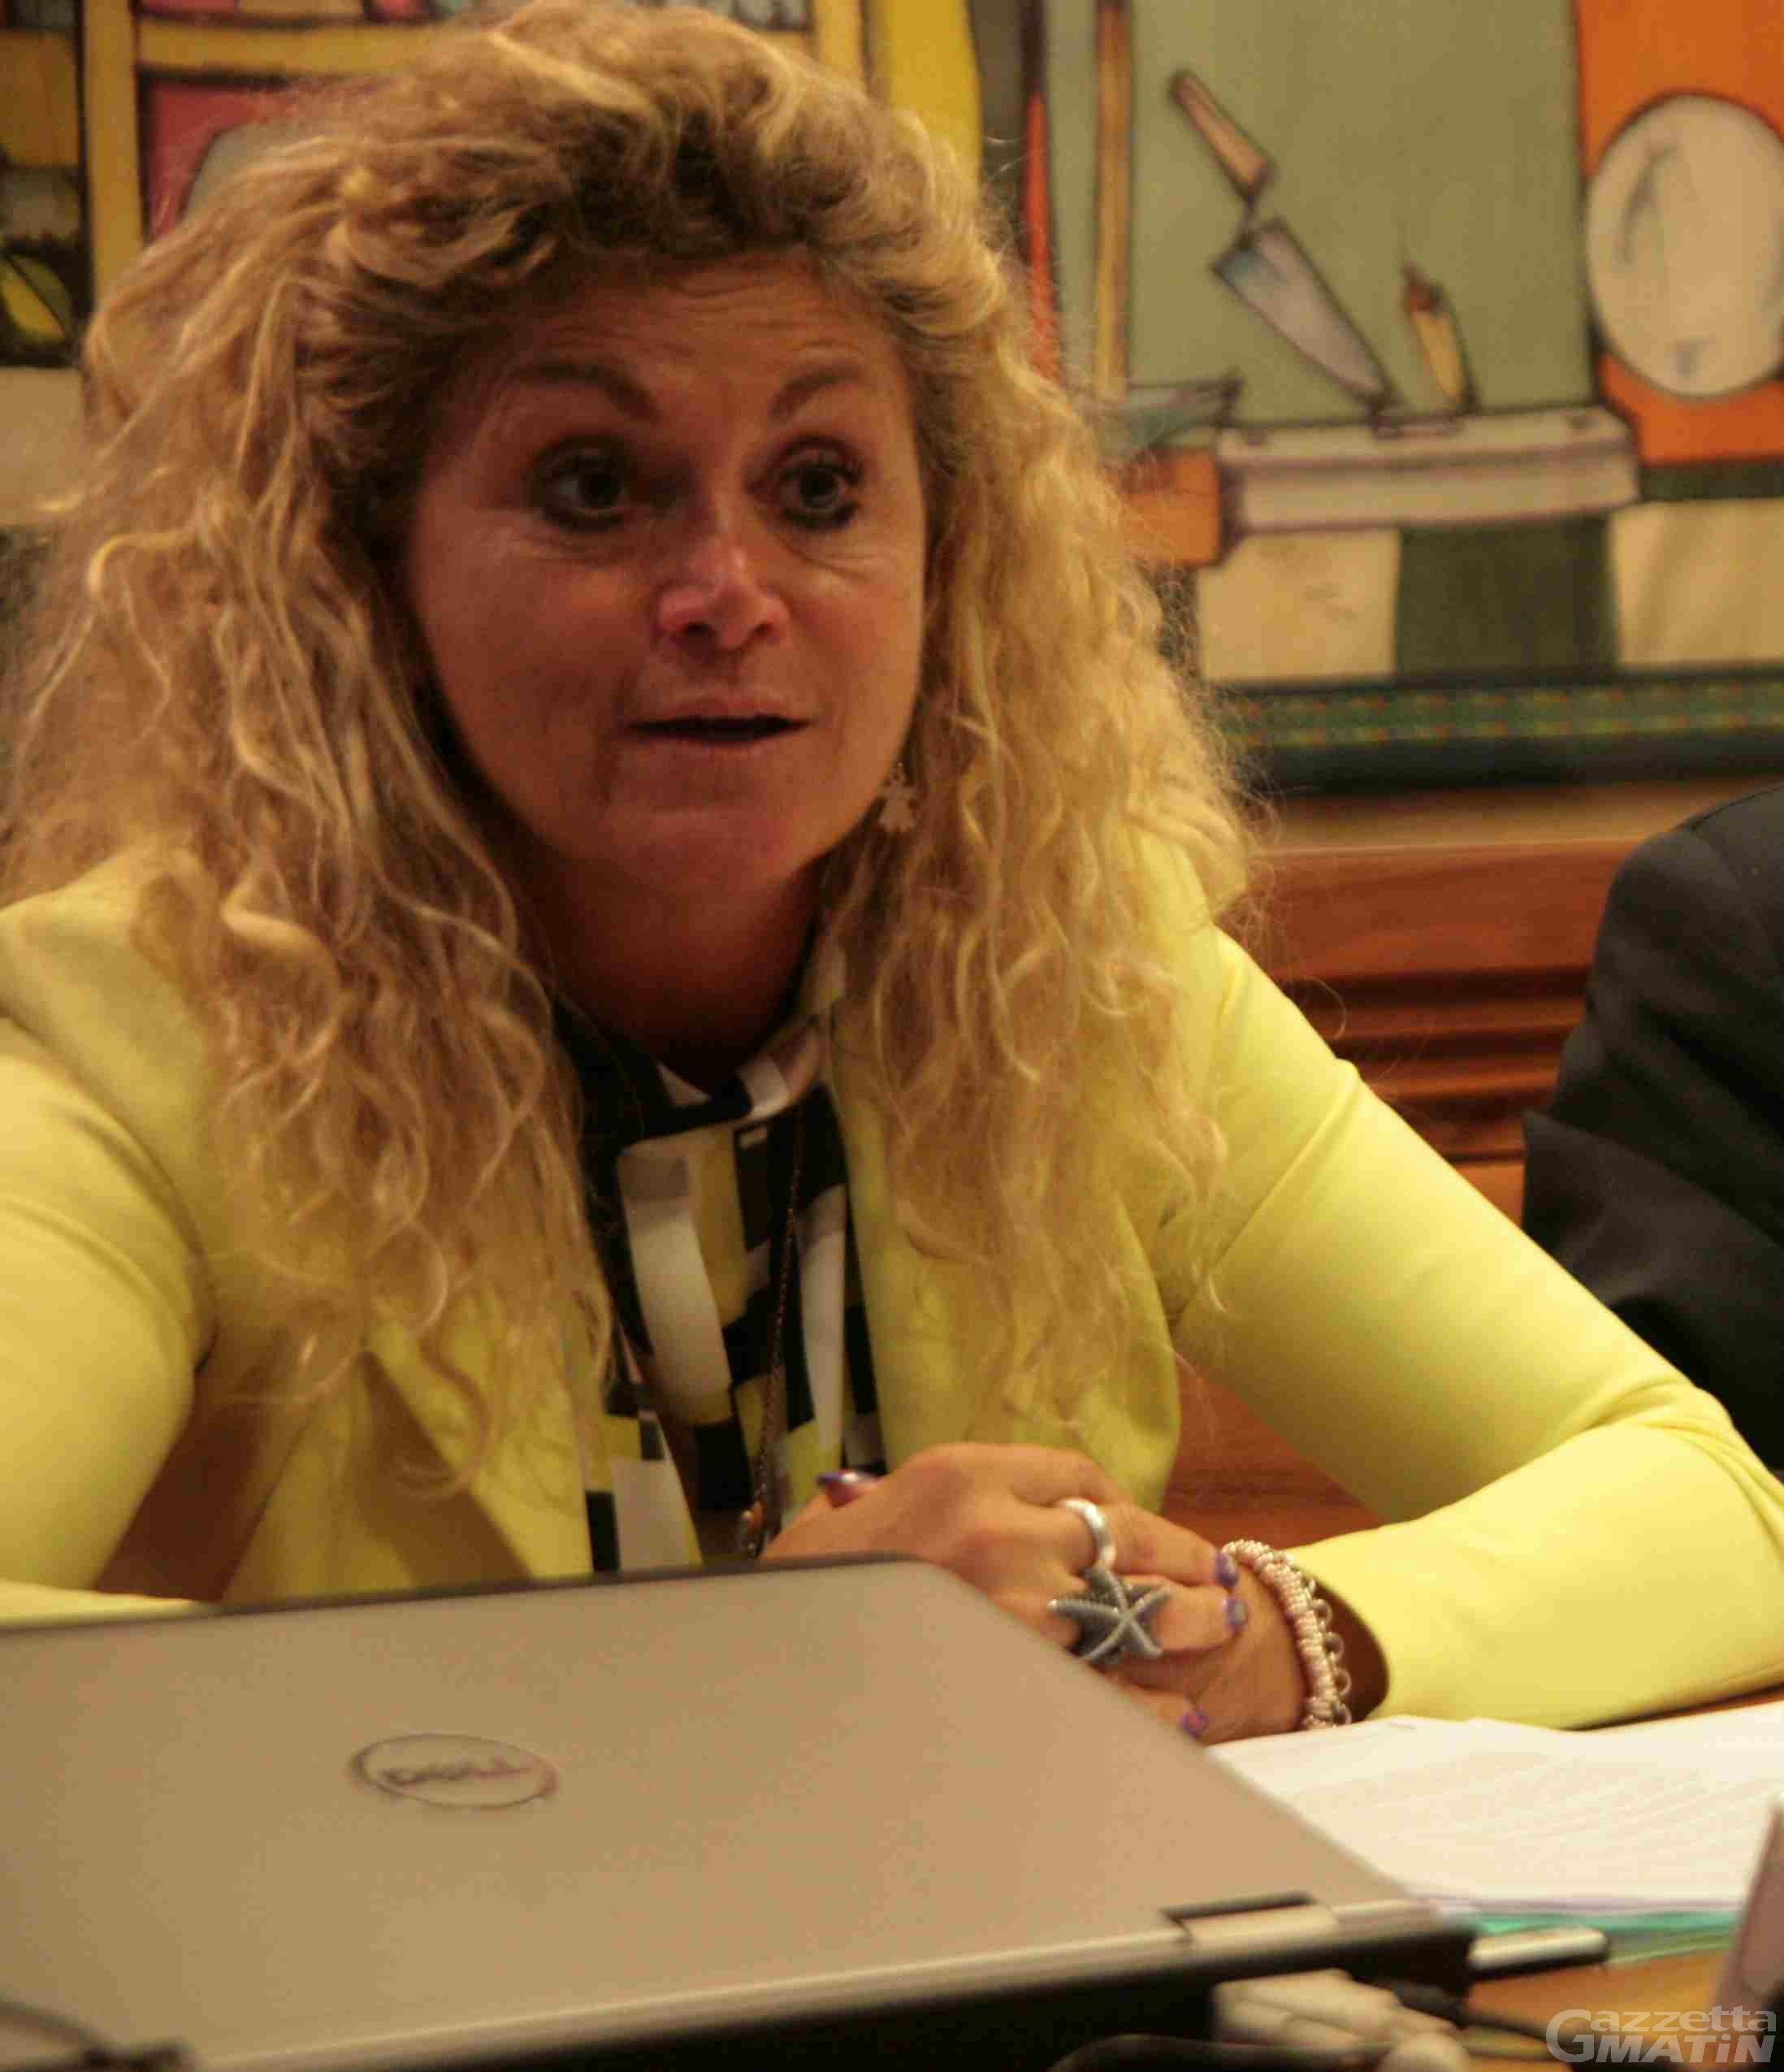 Furto Rolex, Cogne As: fiducia a Pirovano, ma la Cgil chiede le dimissioni (se colpevole)